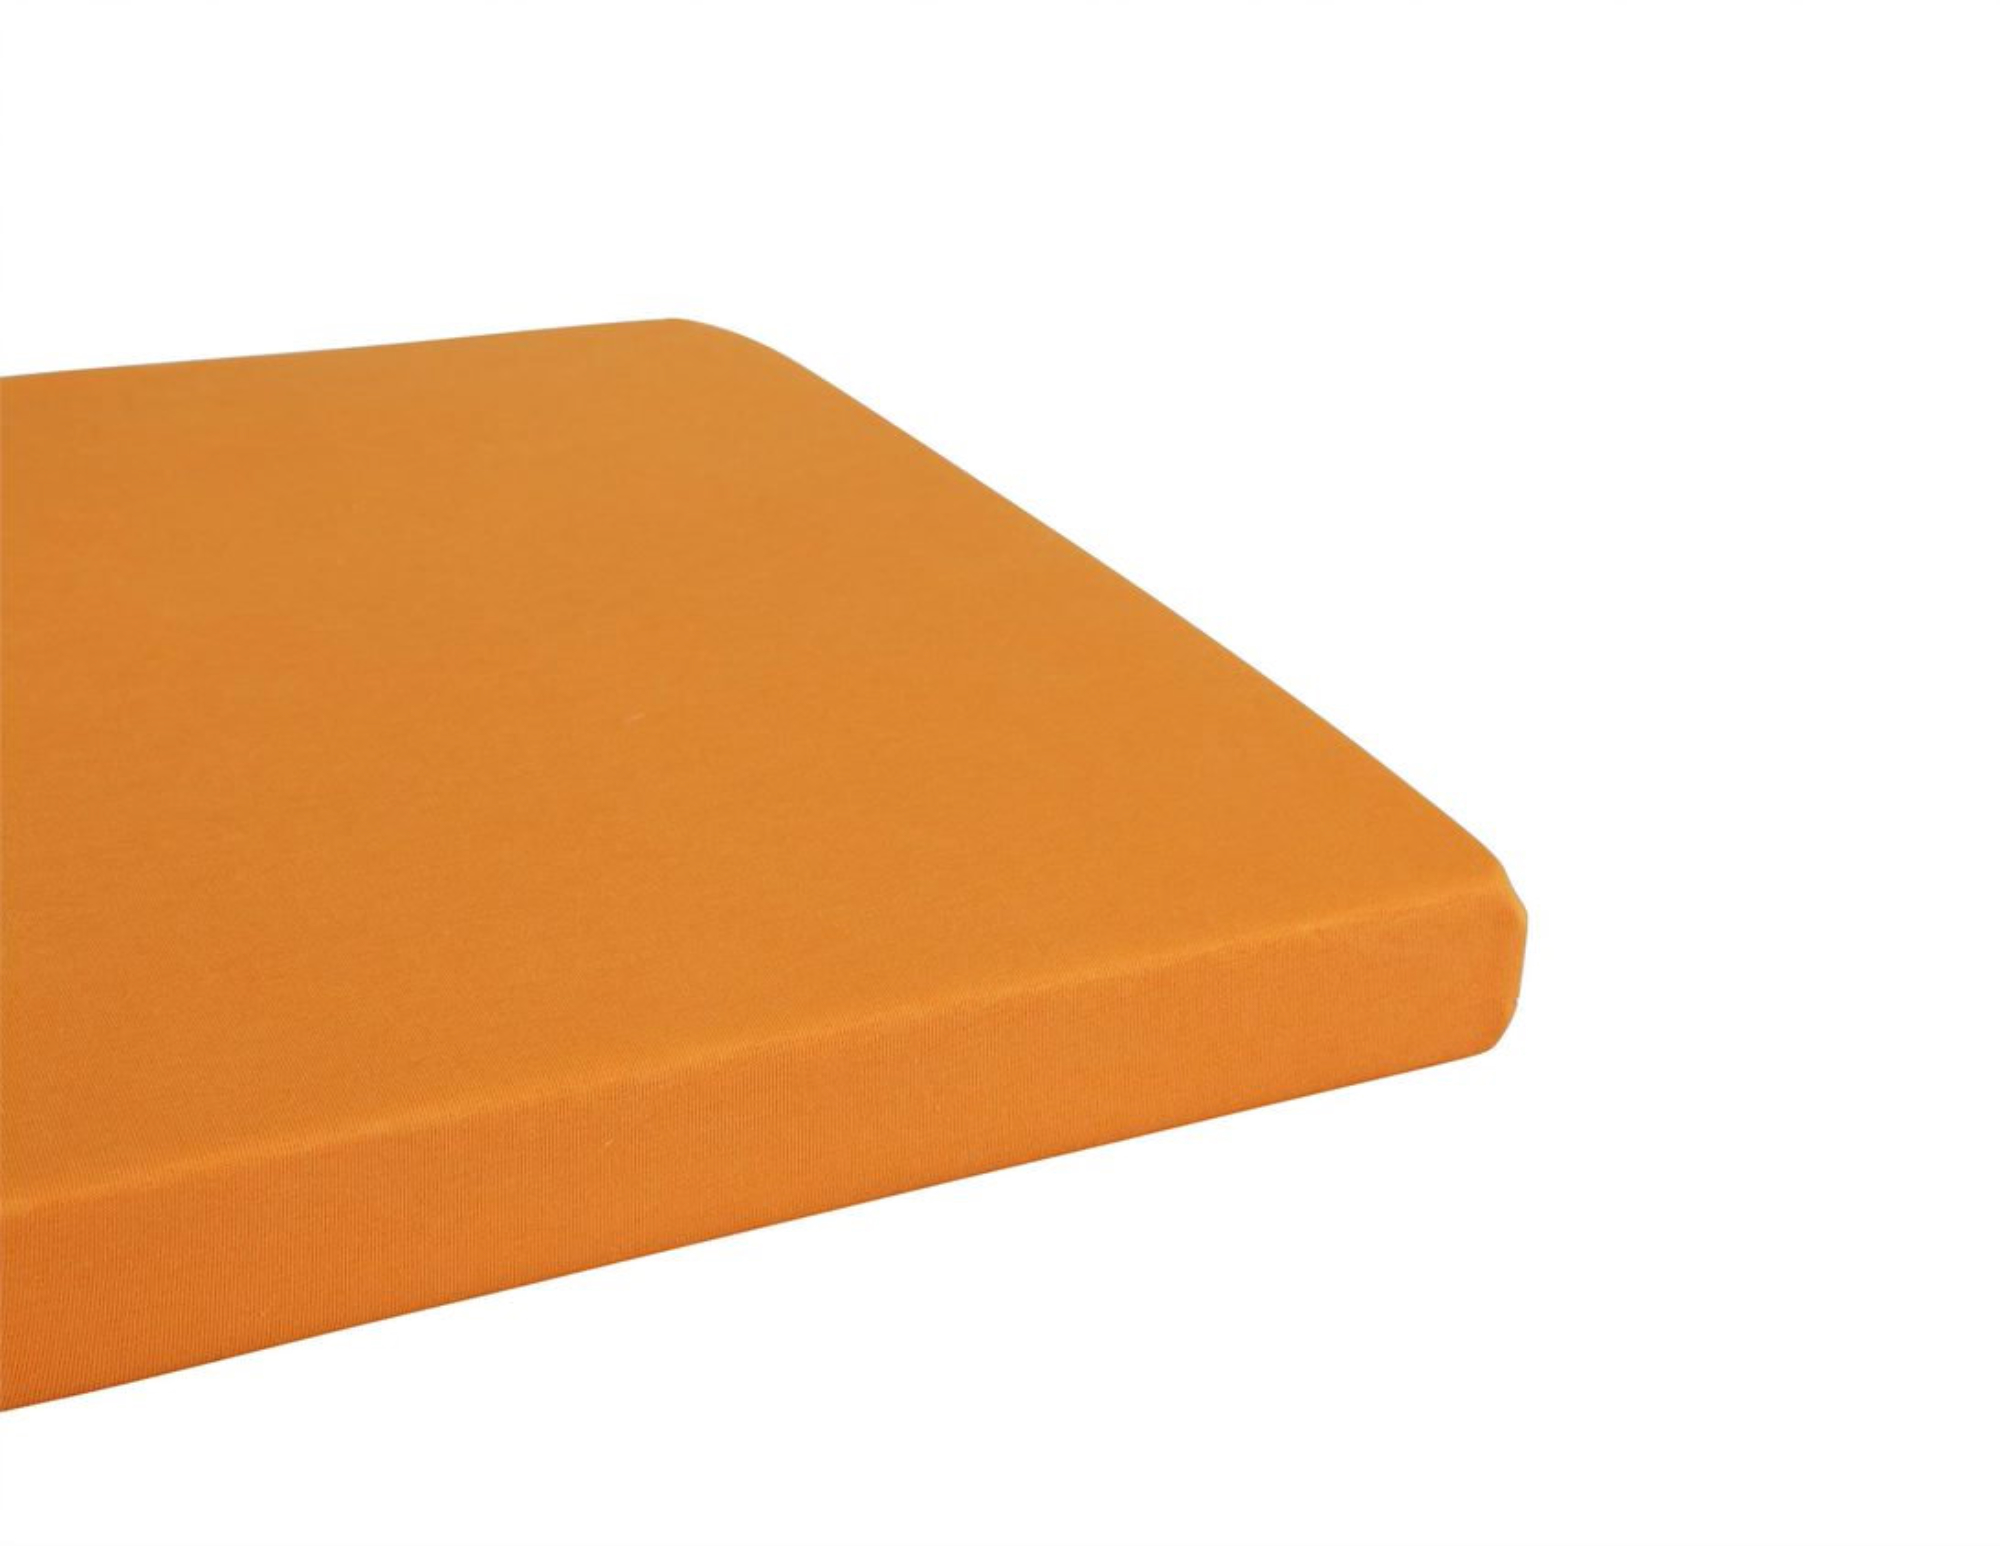 Fixleintuch Super- Stretch für Matratzen